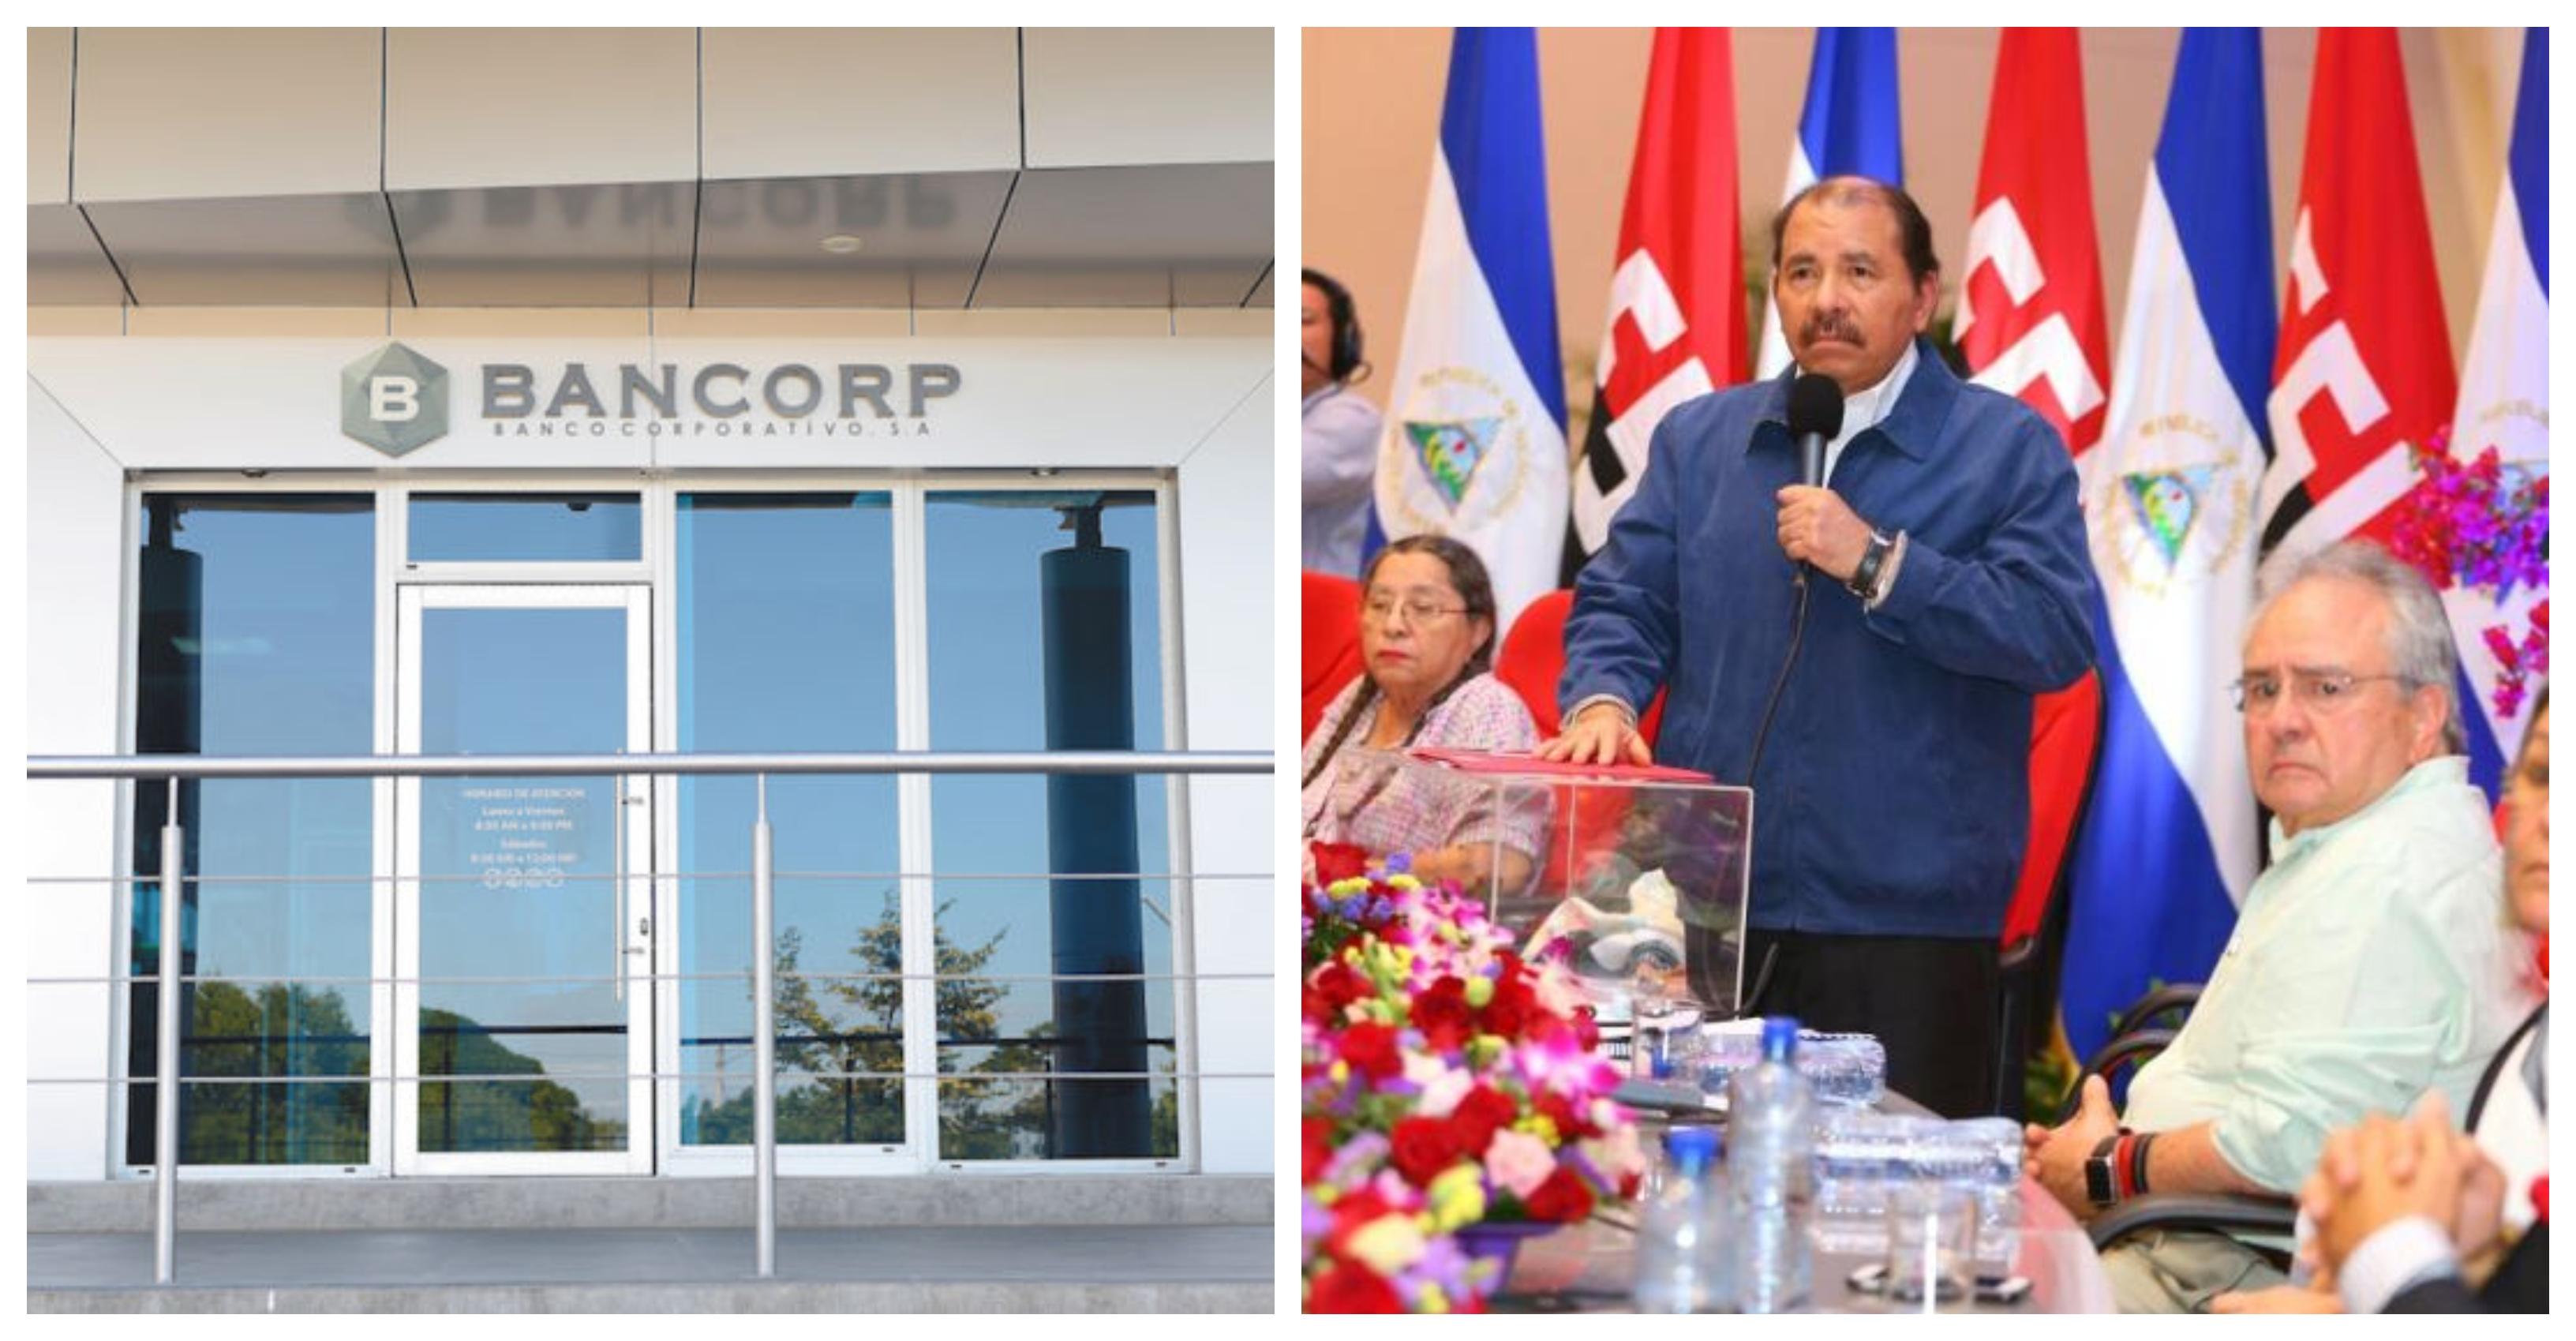 Directivo del sancionado Bancorp ahora es miembro del Consejo de la Superintendencia de Bancos